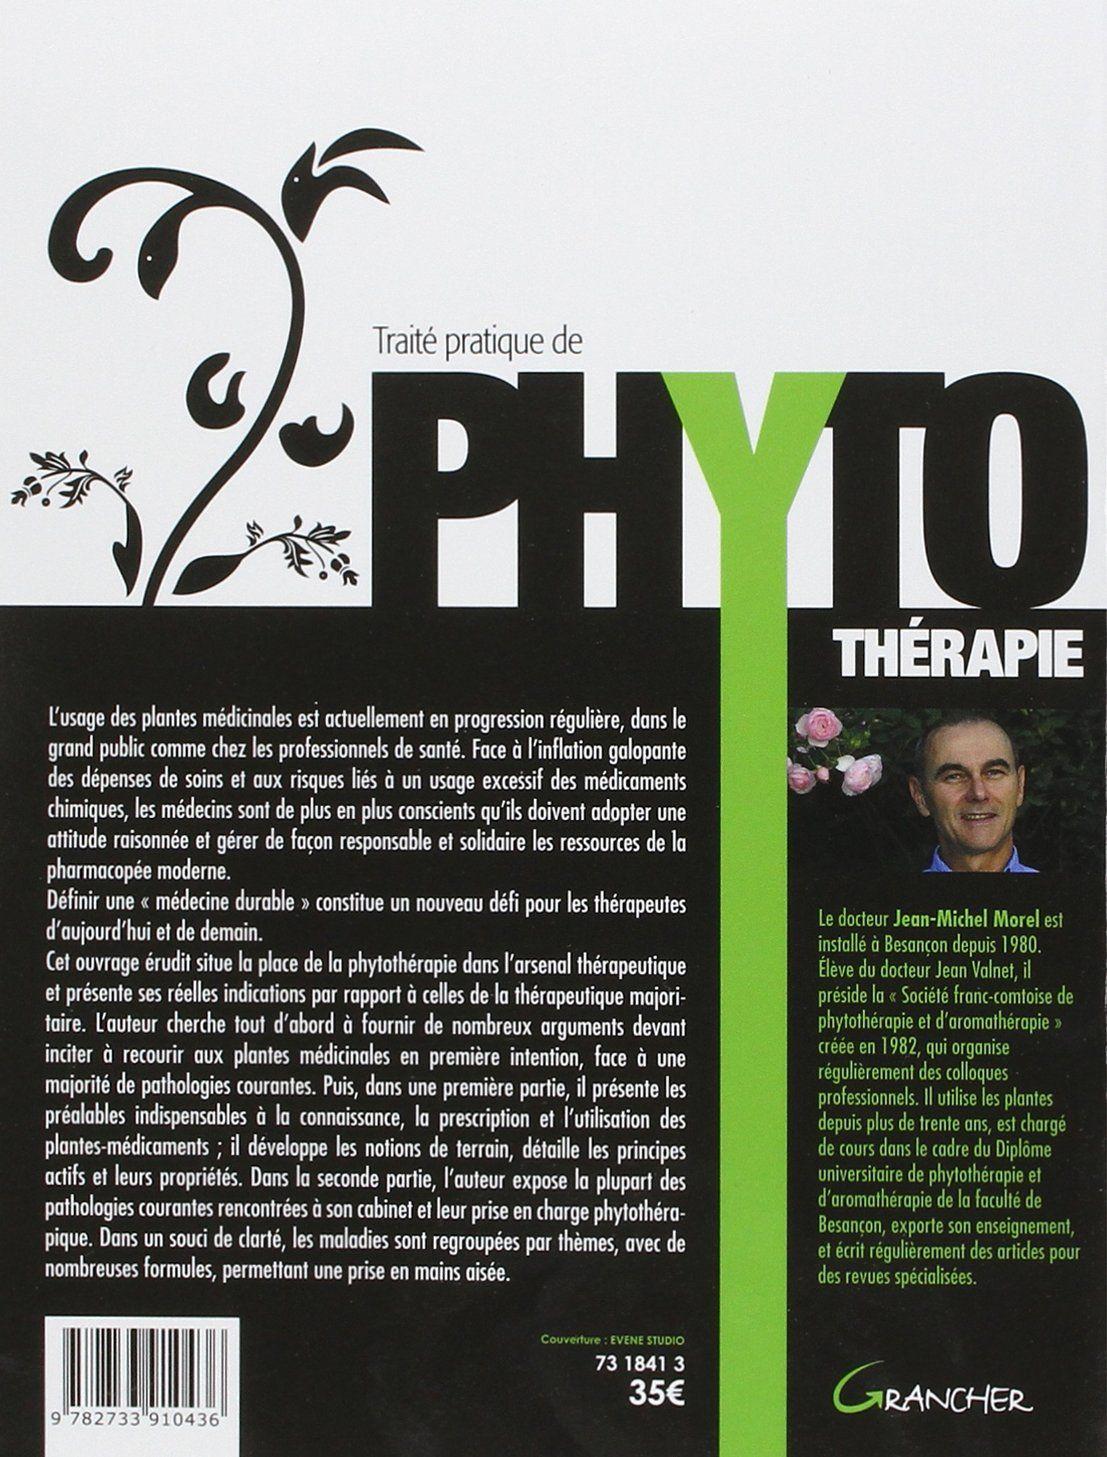 Traité pratique de phytothérapie (avec images